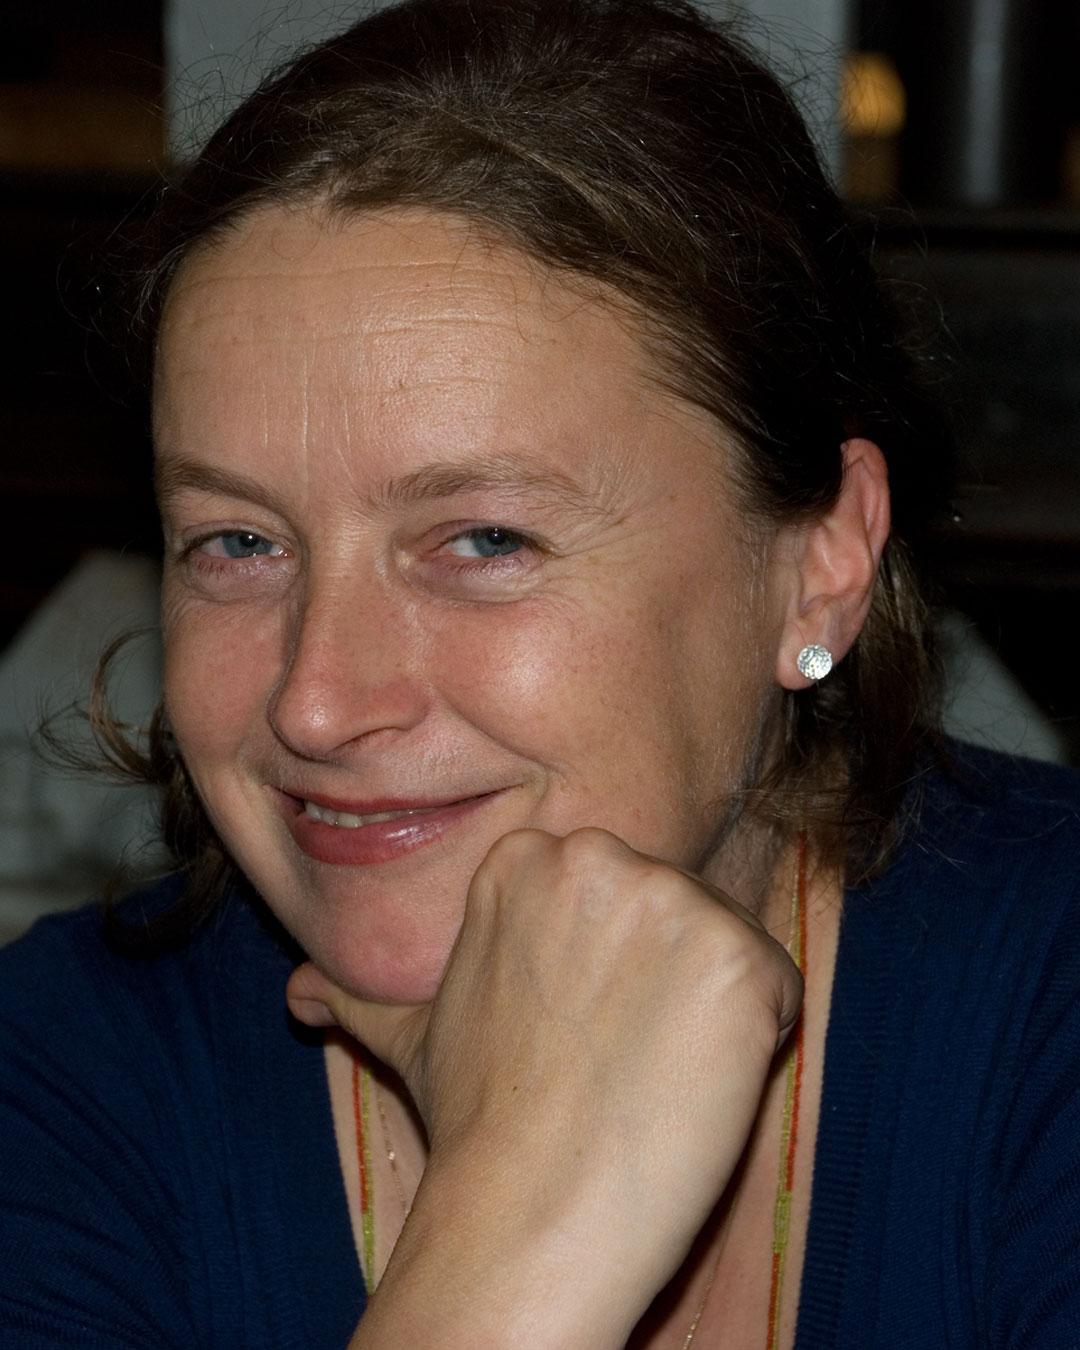 Julie Mollenhauer, 2010